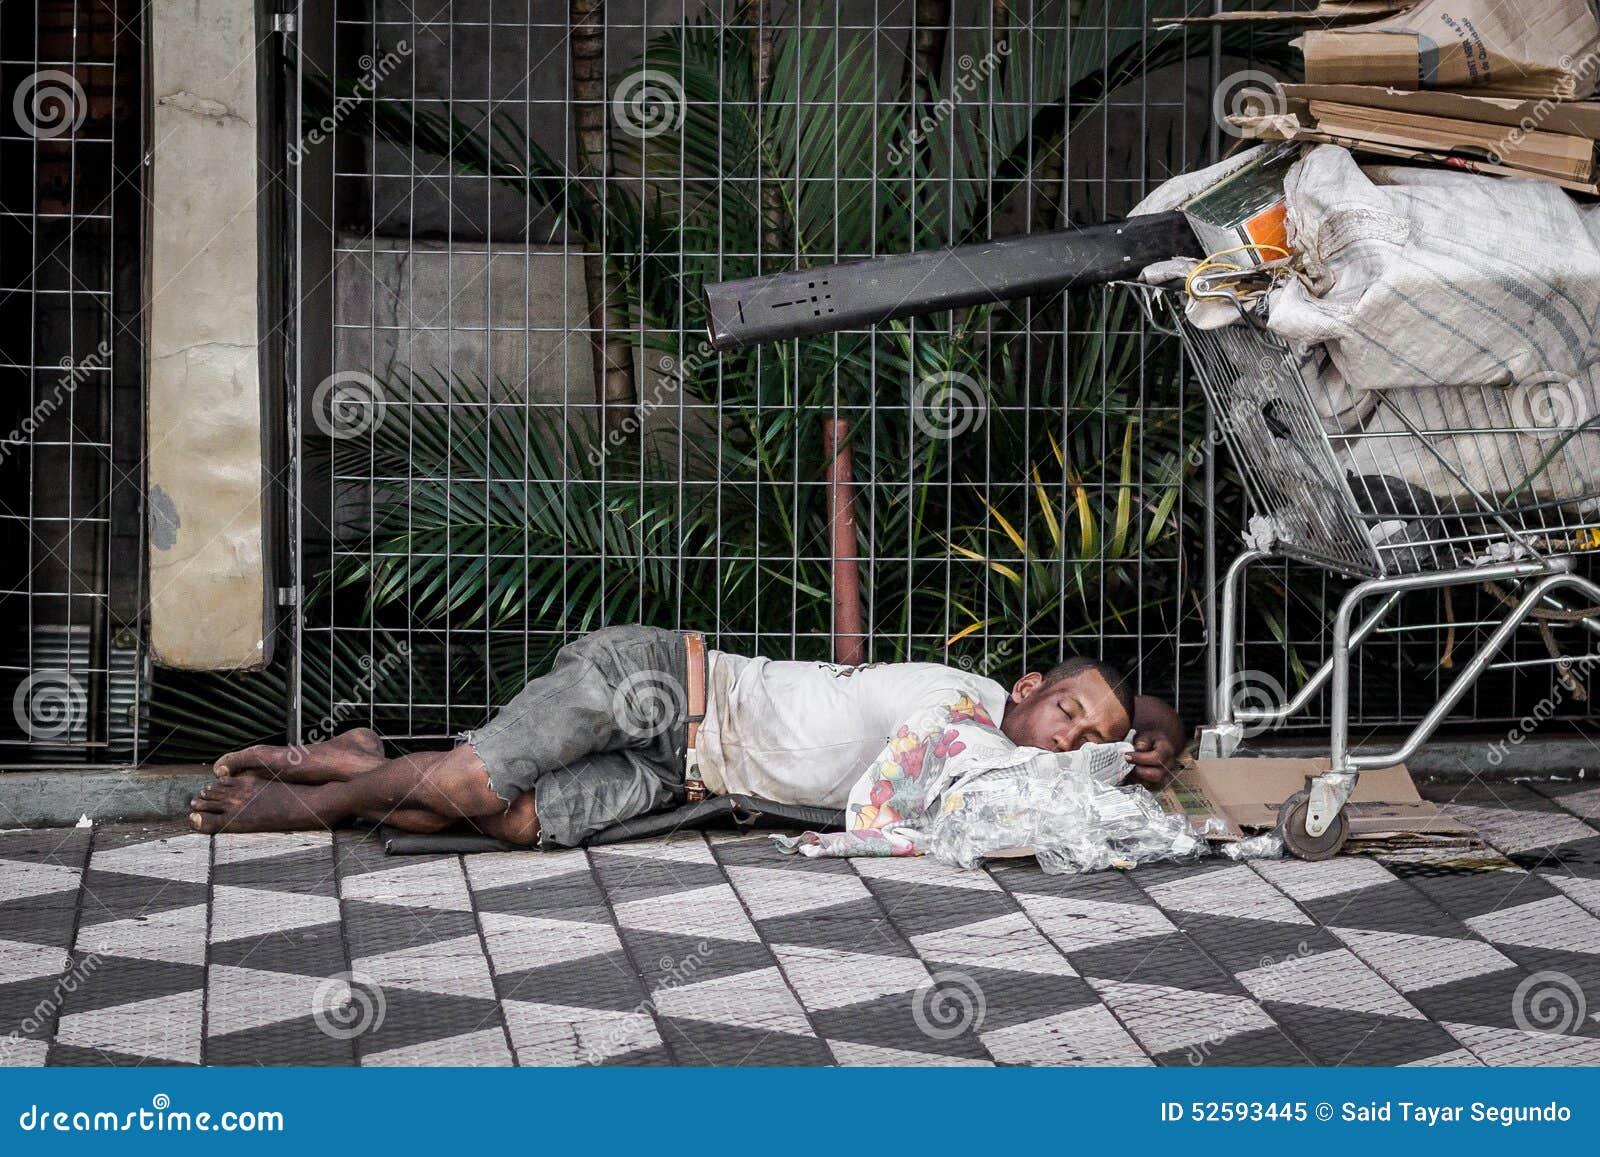 Бездомный человек спит с магазинной тележкаой